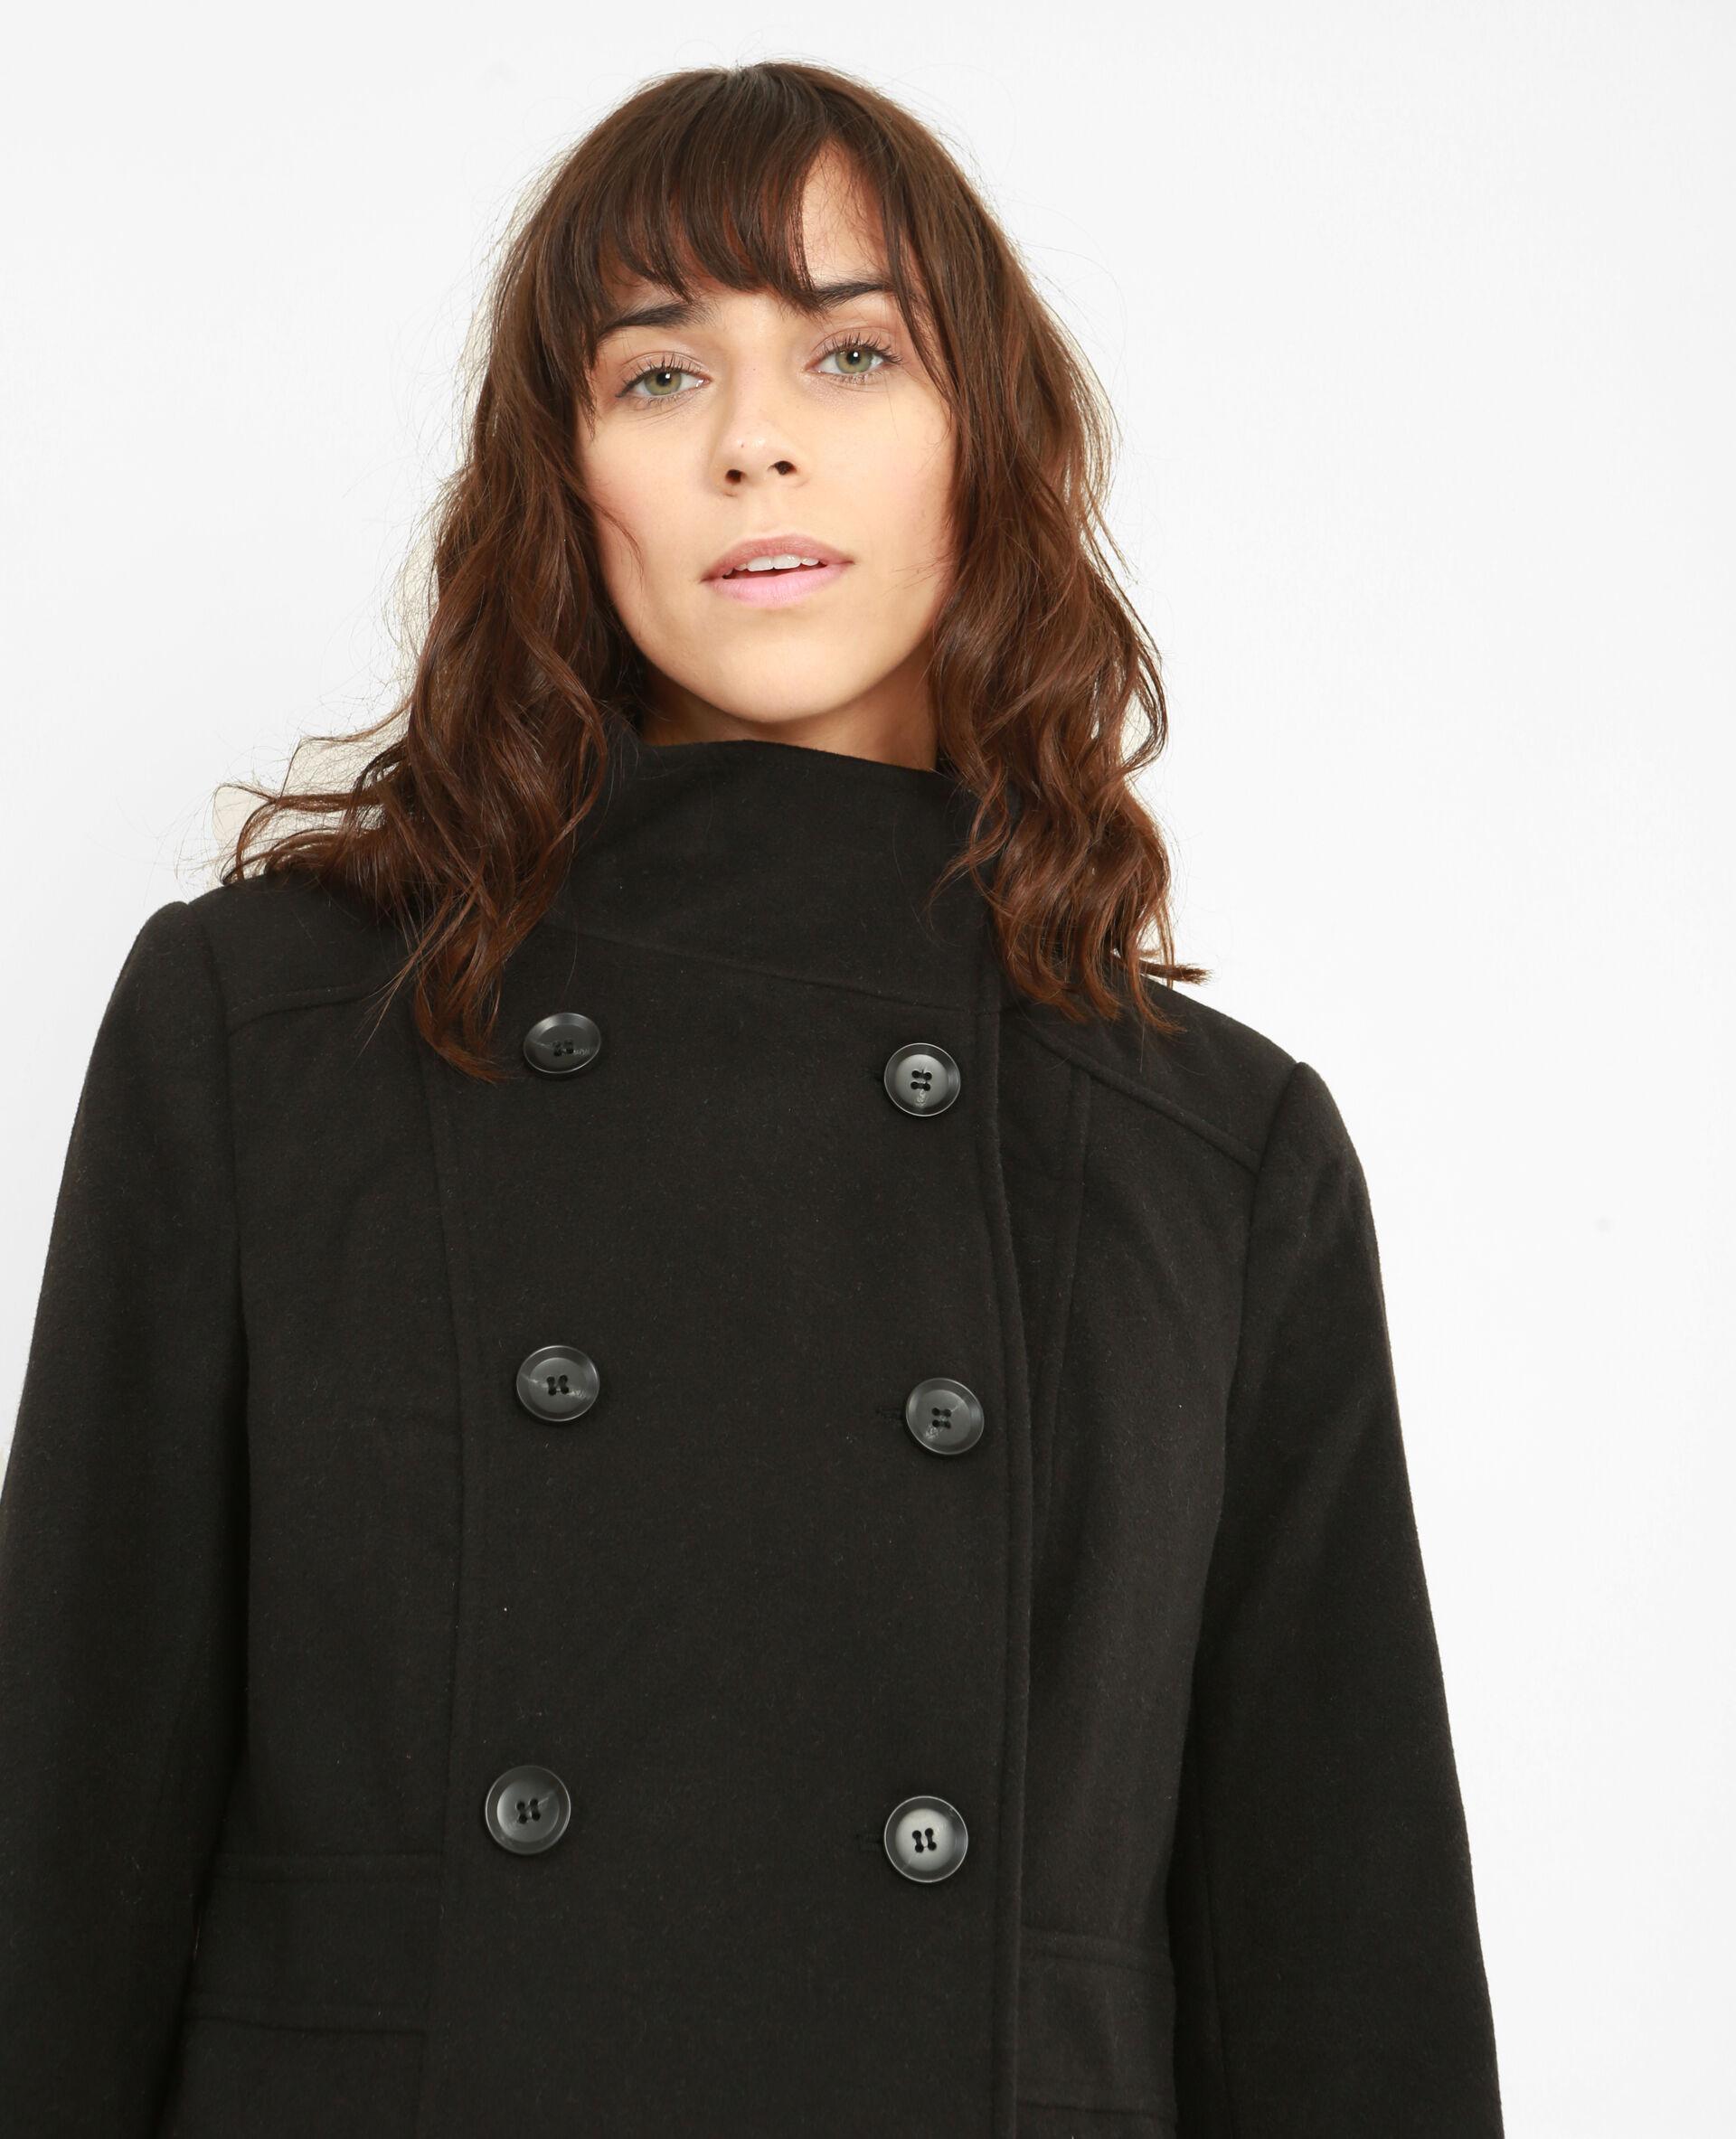 ✅Manteau double boutonnage Femme - Couleur noir - Taille M - PIMKIE - MODE FEMME